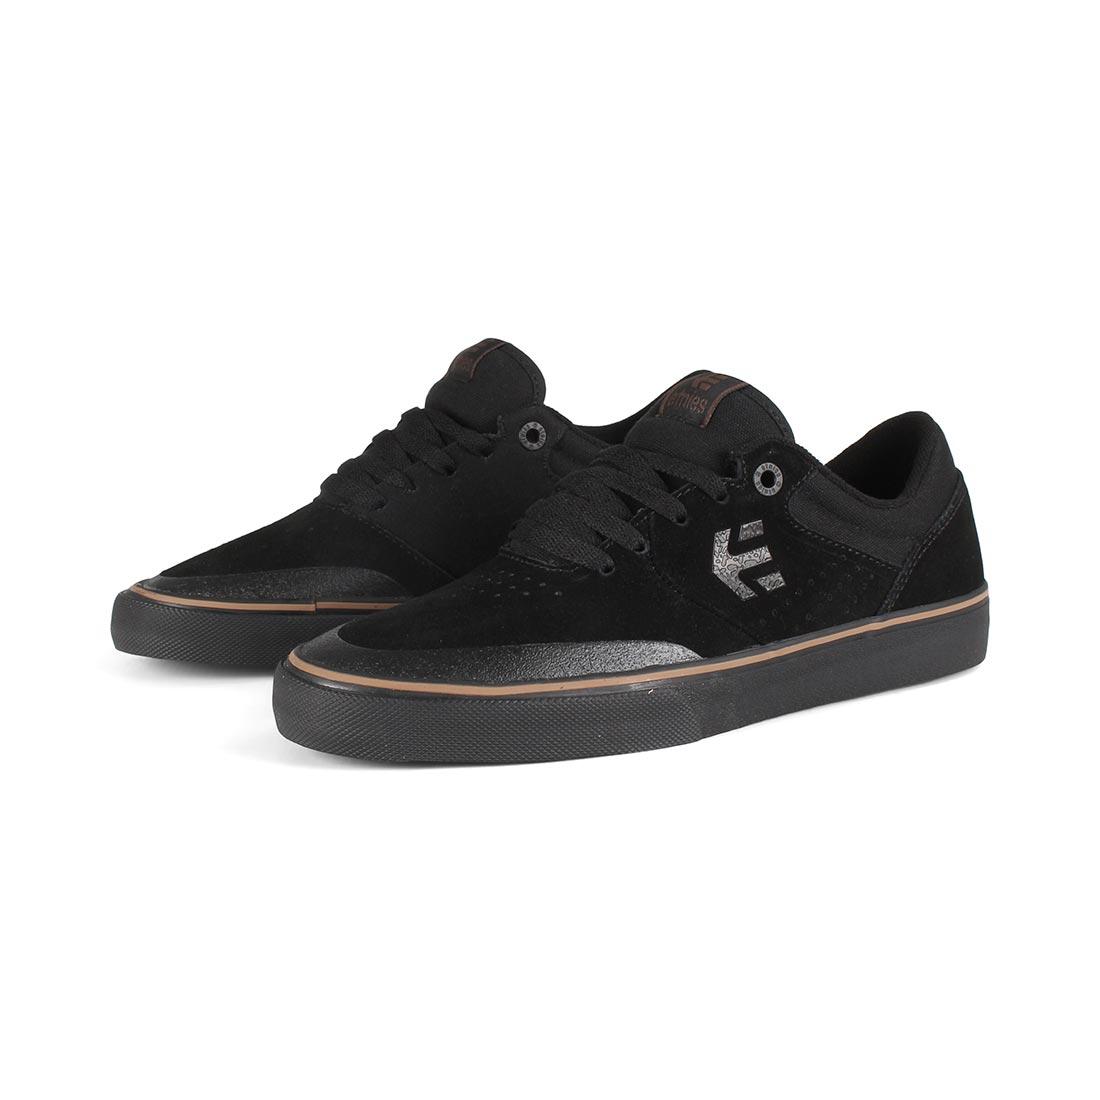 Etnies Marana Vulc Shoes - Black / Dark